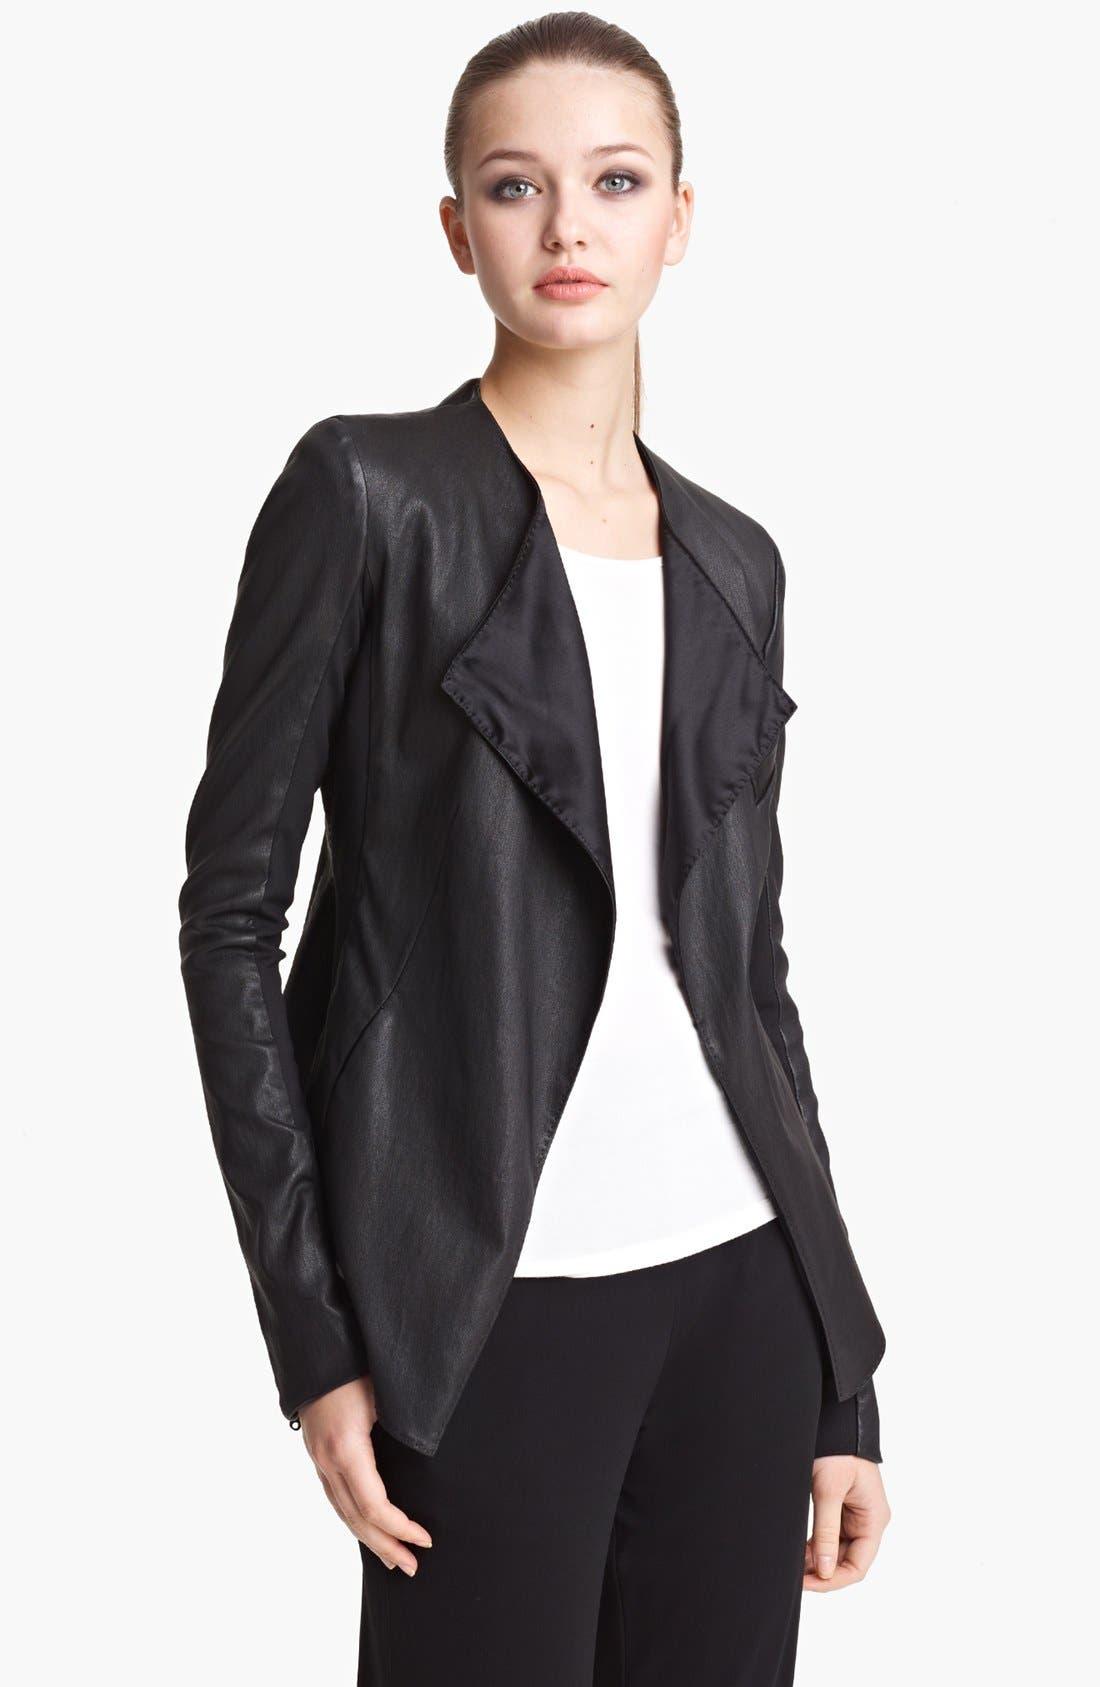 Alternate Image 1 Selected - Donna Karan Collection Vintage Stretch Leather Jacket